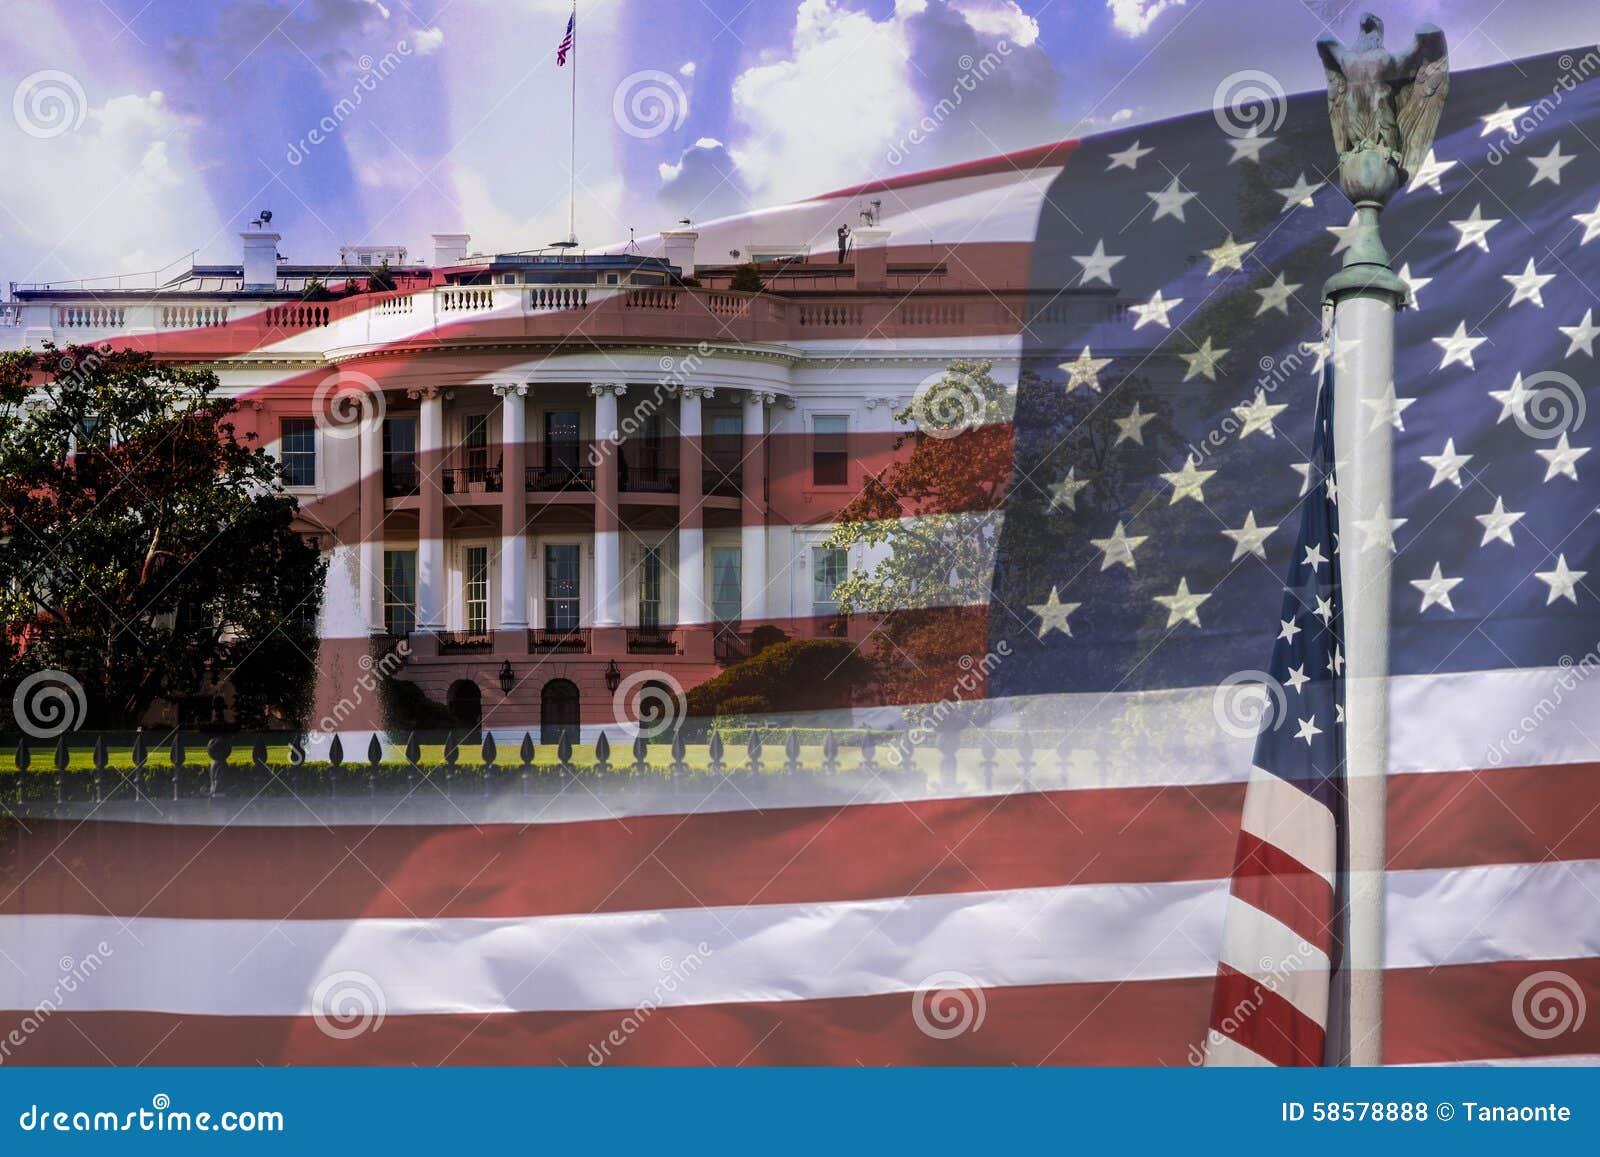 La maison blanche et le drapeau américain les deux symboles des etats unis